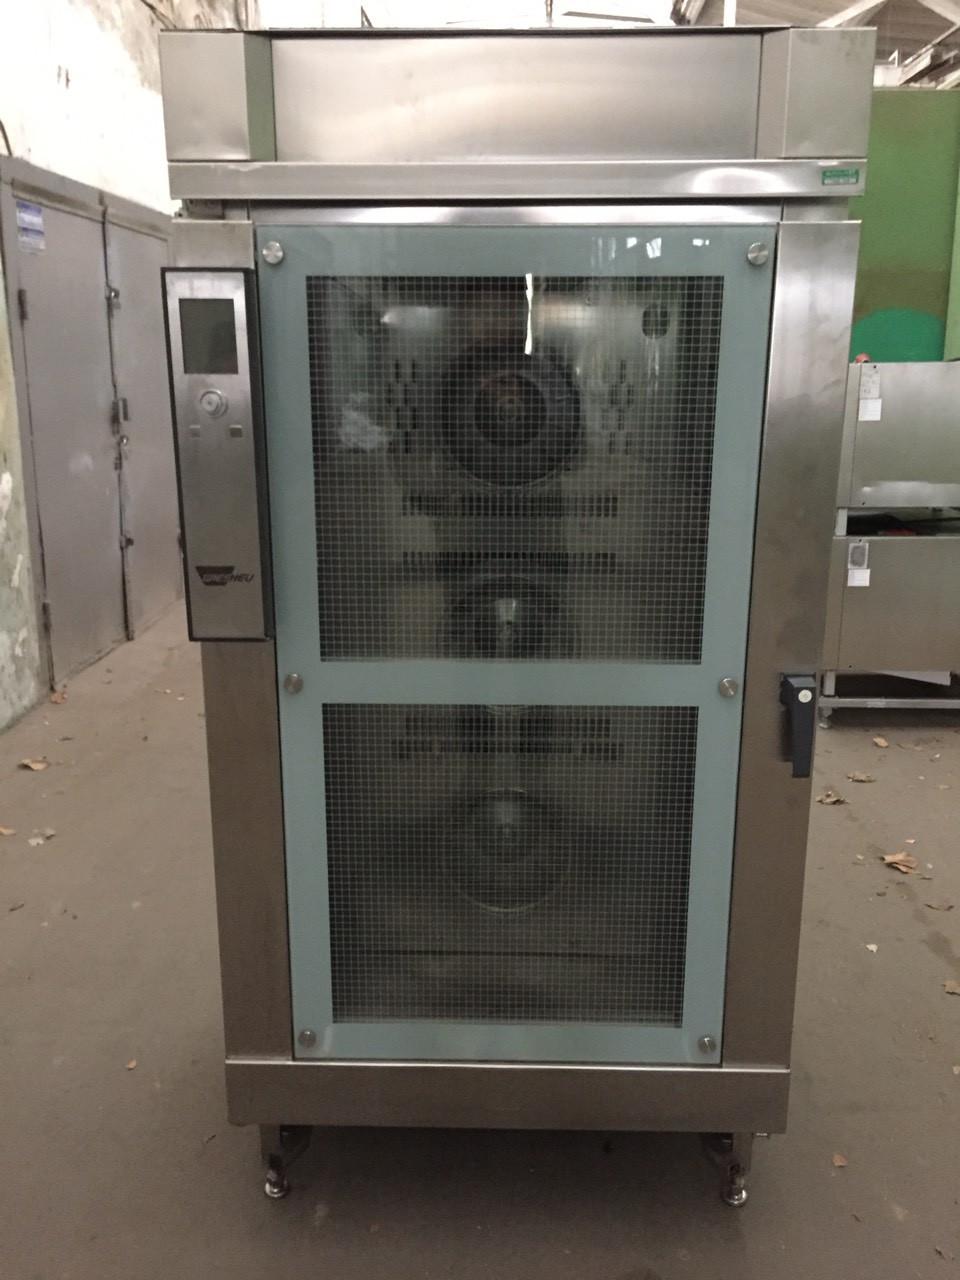 Печь хлебопекарная конвекционная 15 противней Wiesheu B15 IS 600 закатная тележка (Германия)